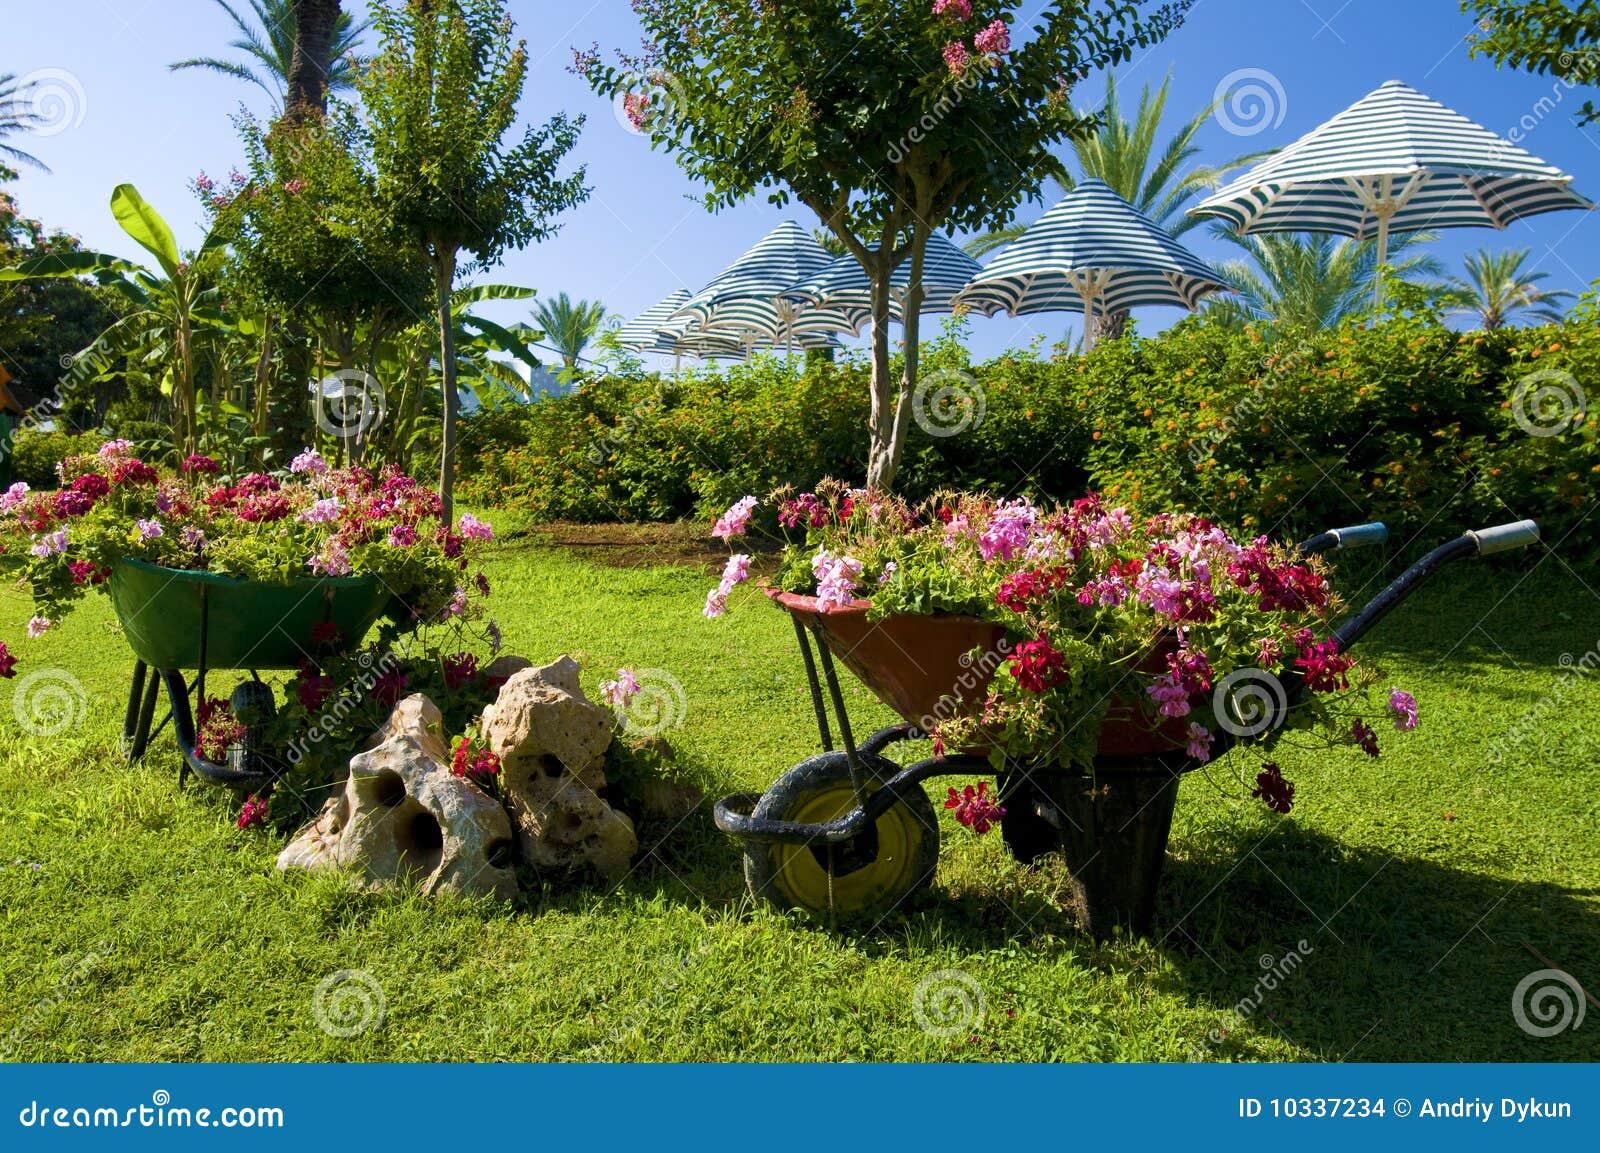 transporte en charrette le jardin de fleur images stock image 10337234. Black Bedroom Furniture Sets. Home Design Ideas